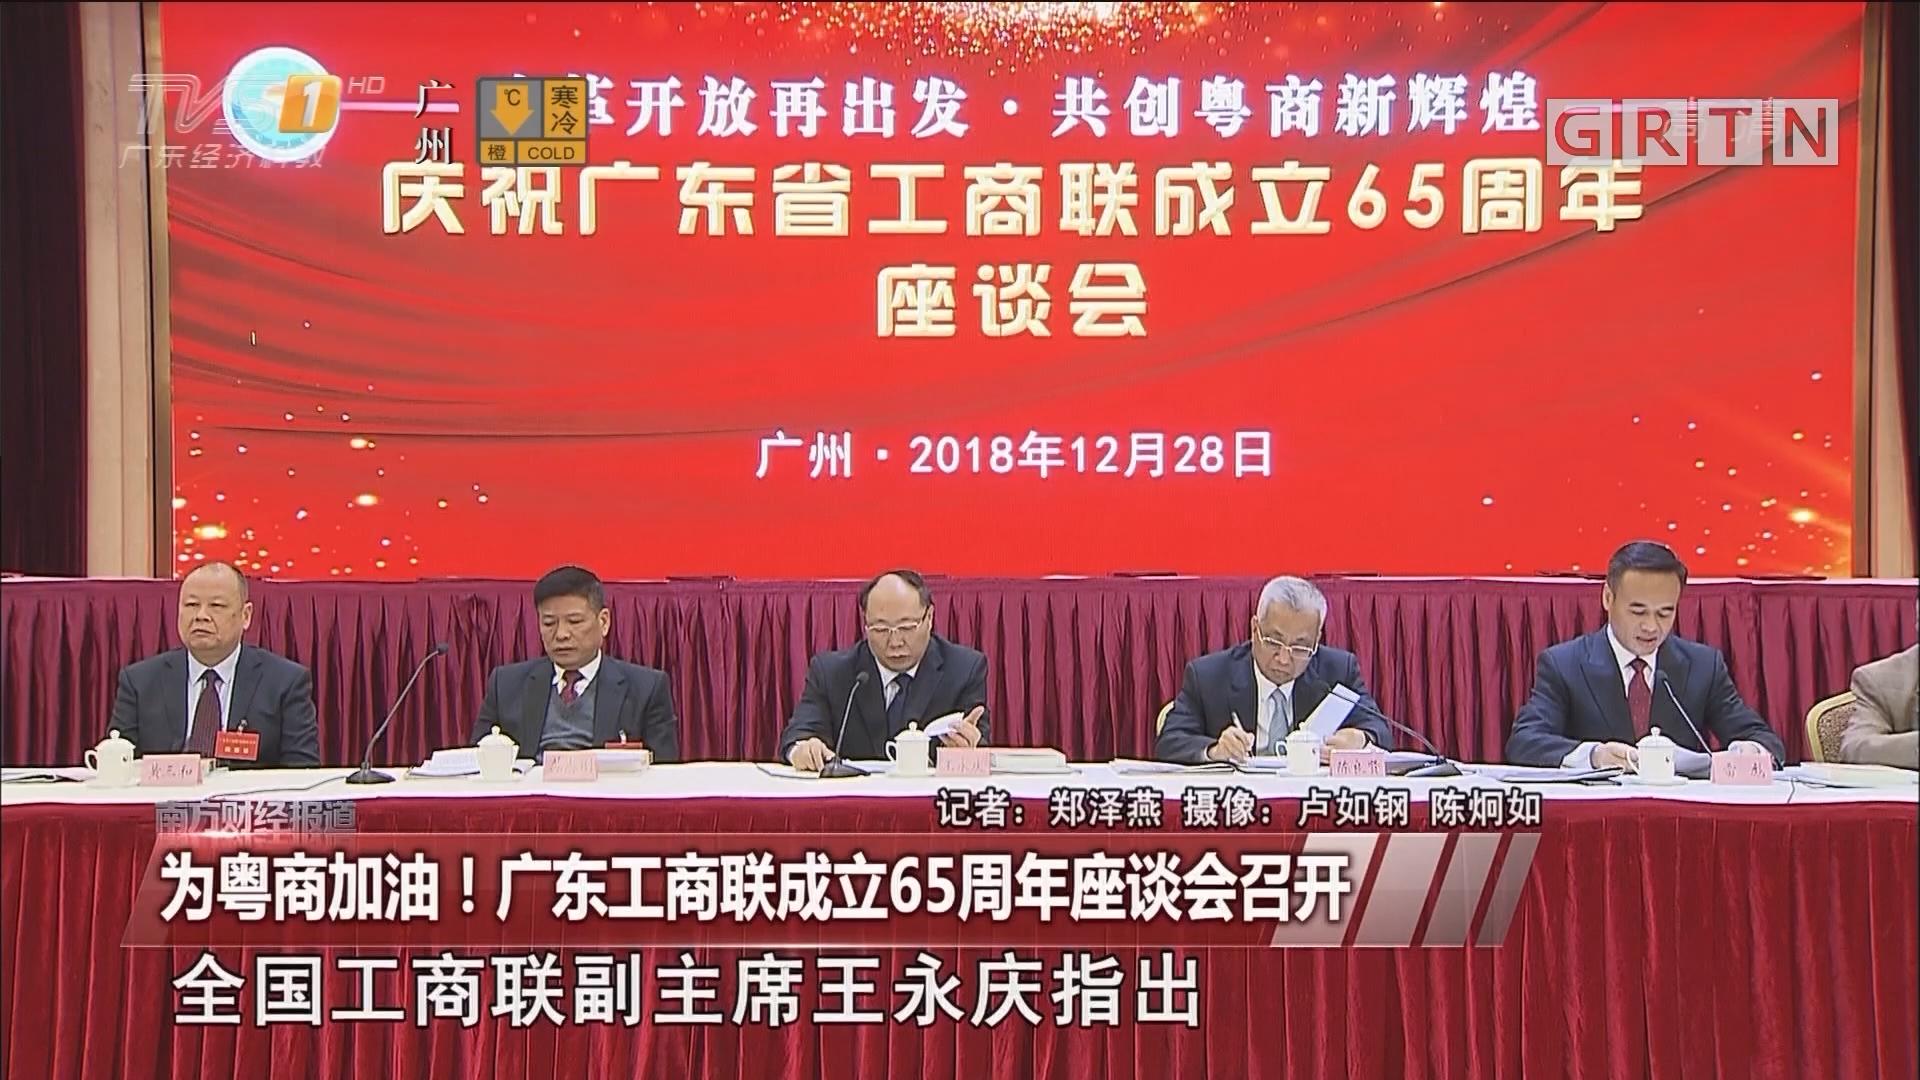 为粤商加油!广东工商联成立65周年座谈会召开